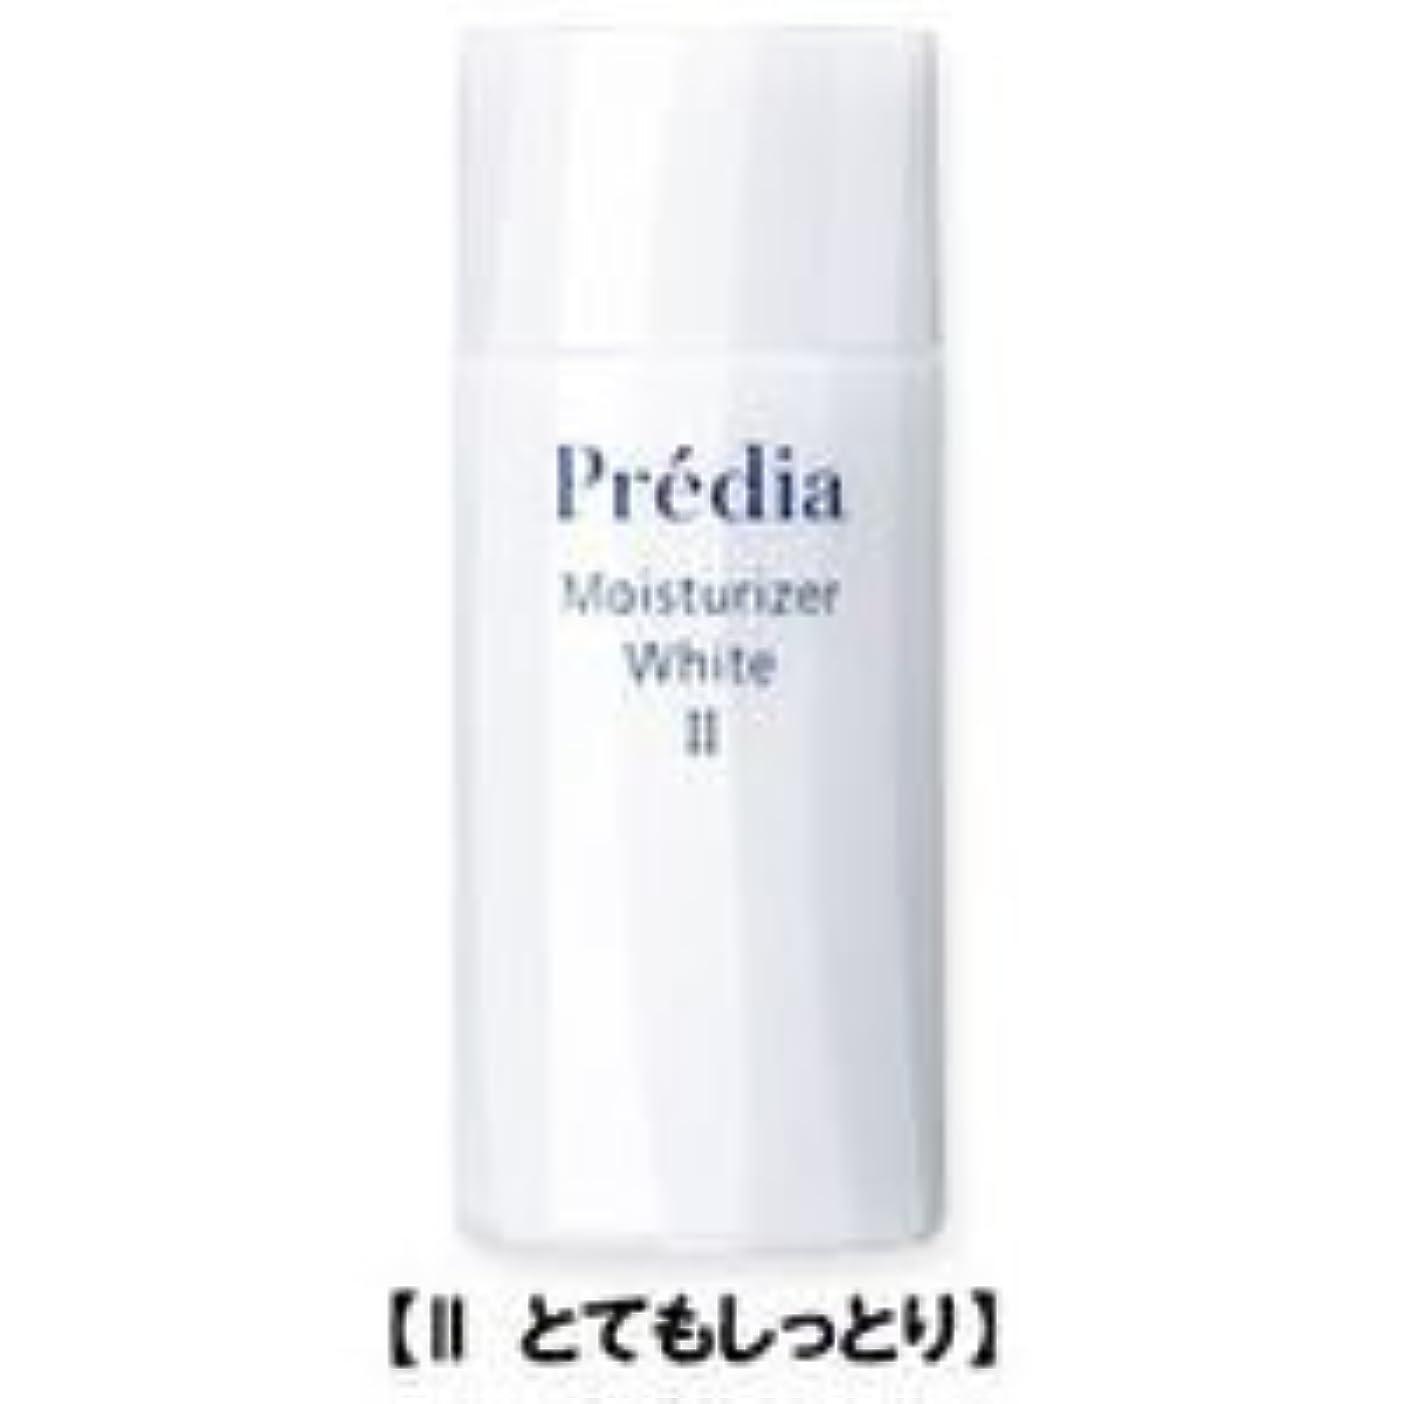 ミュージカルケイ素日コーセー プレディア モイスチュアライザー ホワイト II とてもしっとり 120ml 乳液